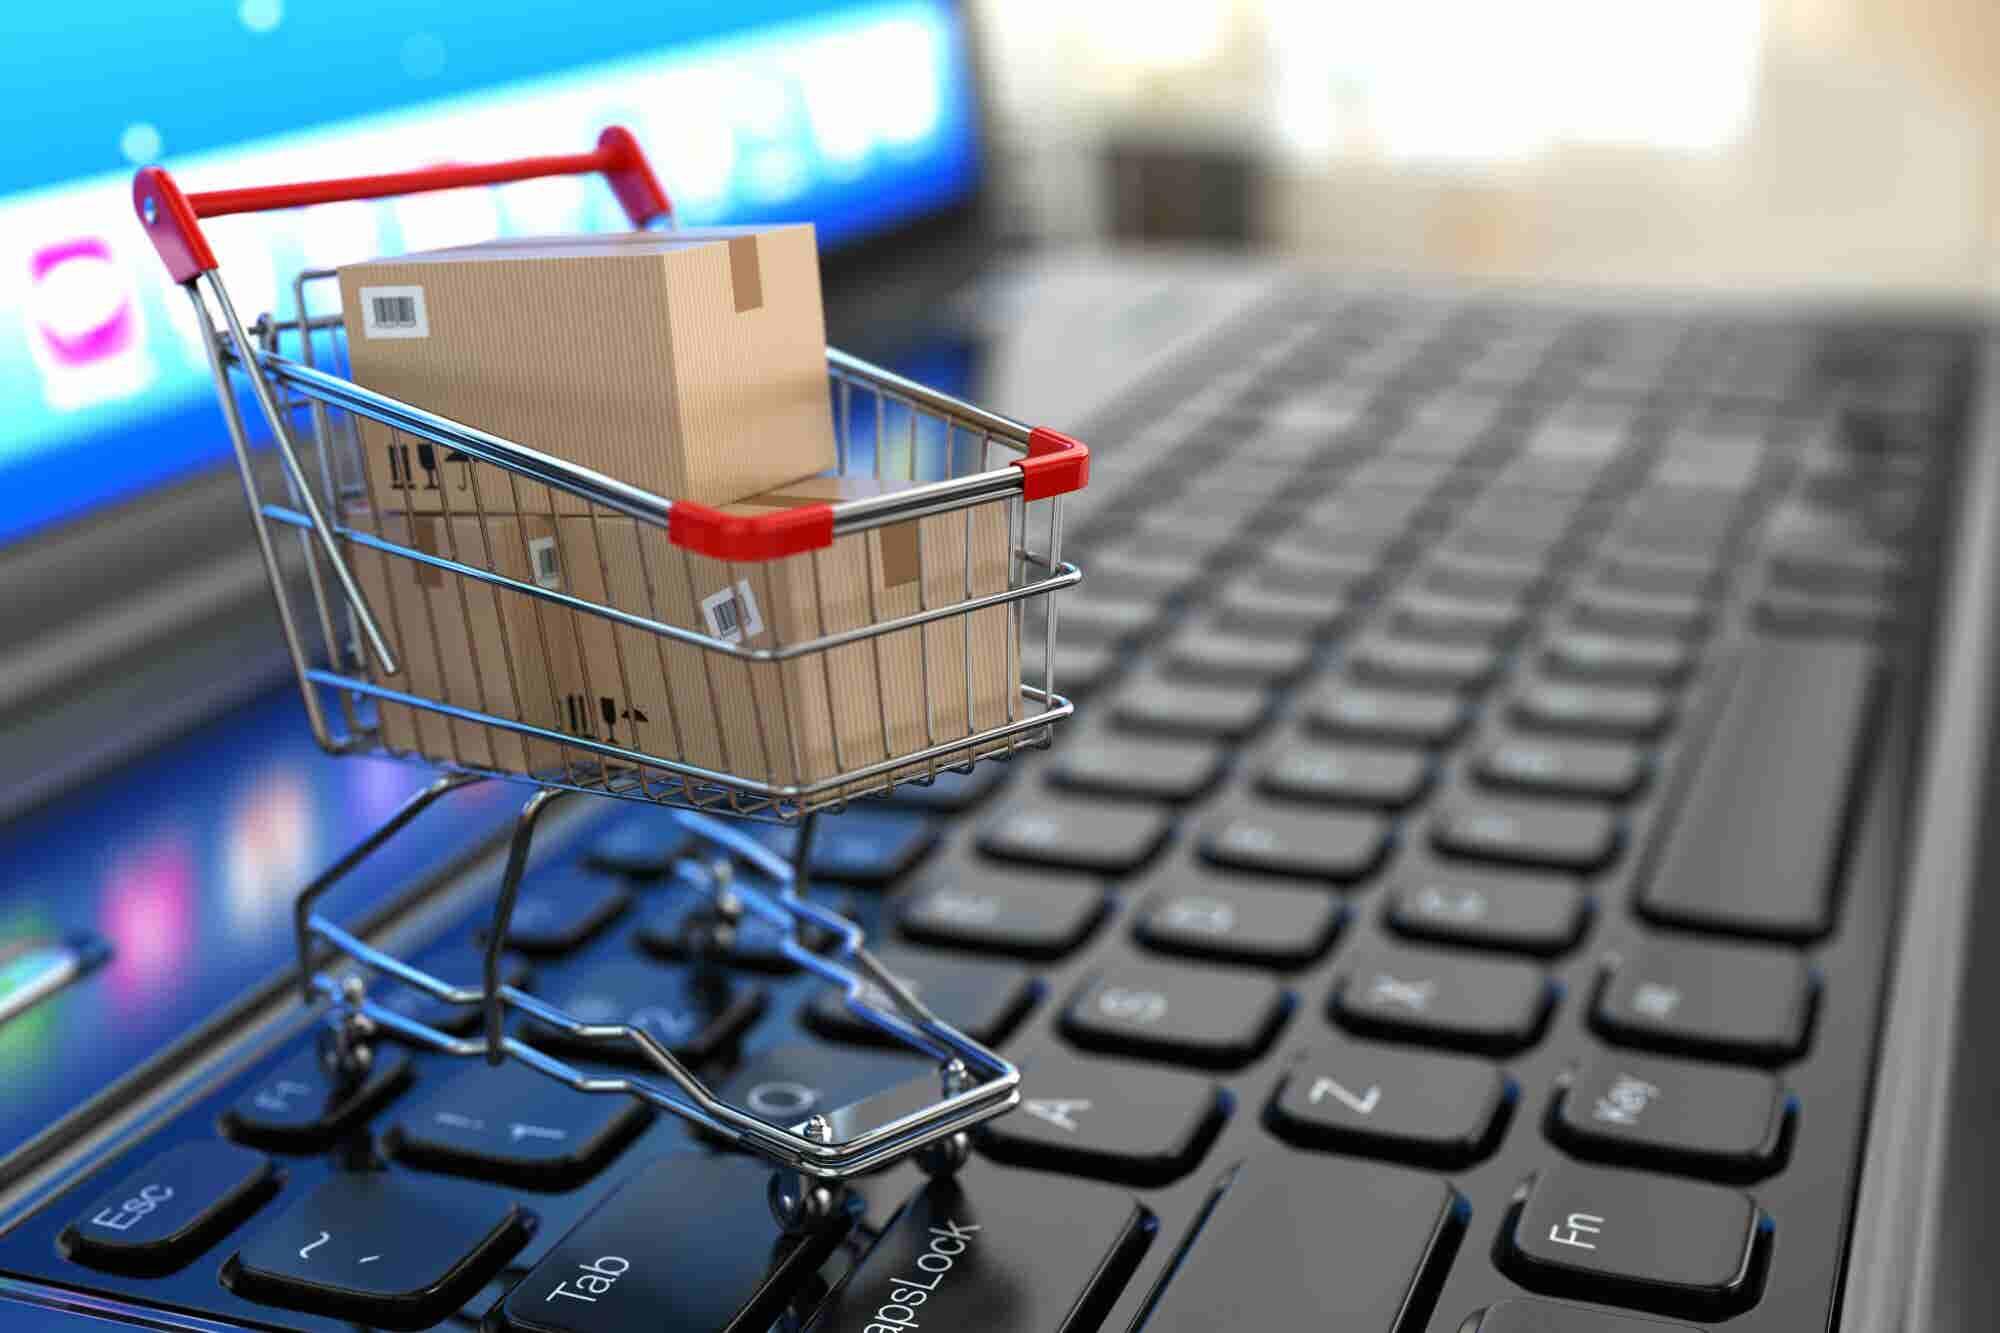 ¡Emprendedores de ecommerce, el Premio PayPal-Tec los está buscando!